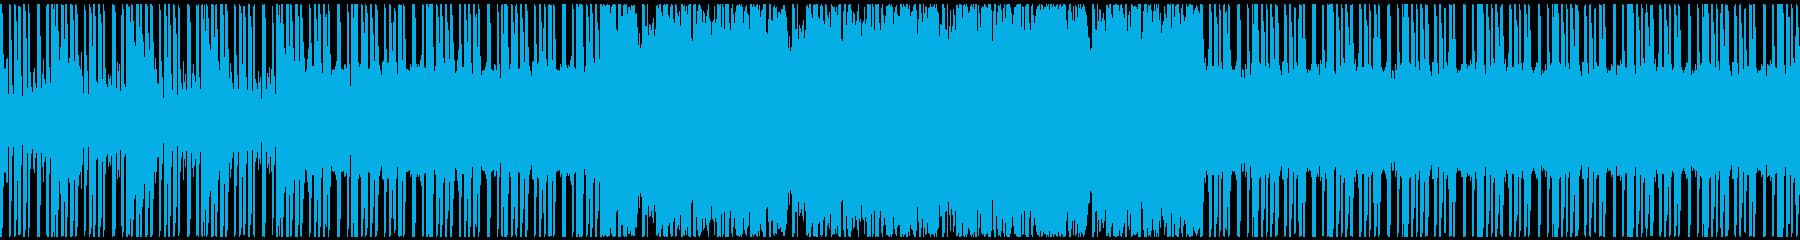 ヒップホップ 積極的 焦り 神経質...の再生済みの波形